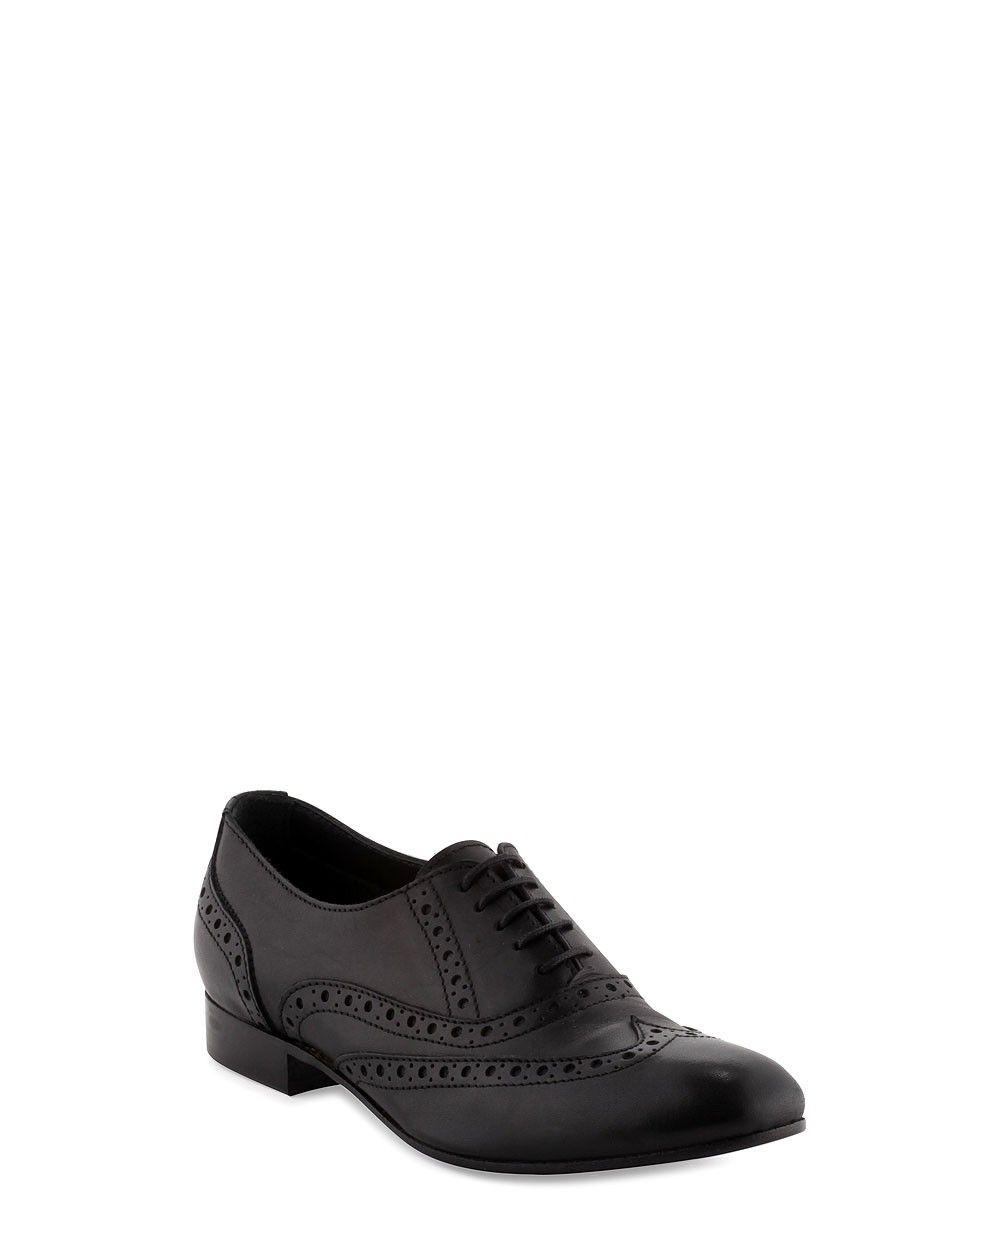 Derby - Doucester - Derbies, Richelieu   Mocassins - Chaussures Femme  Printemps Eté 6865325adfda